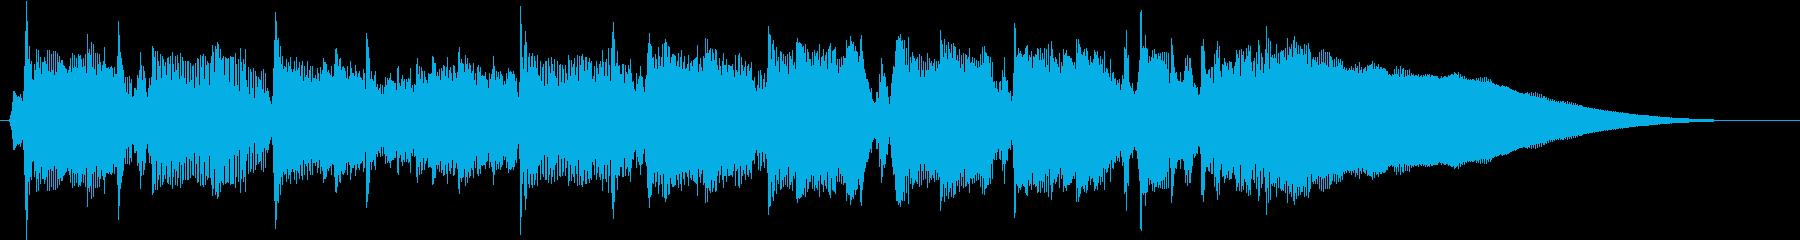 ジングル 軽やかなピアノの再生済みの波形